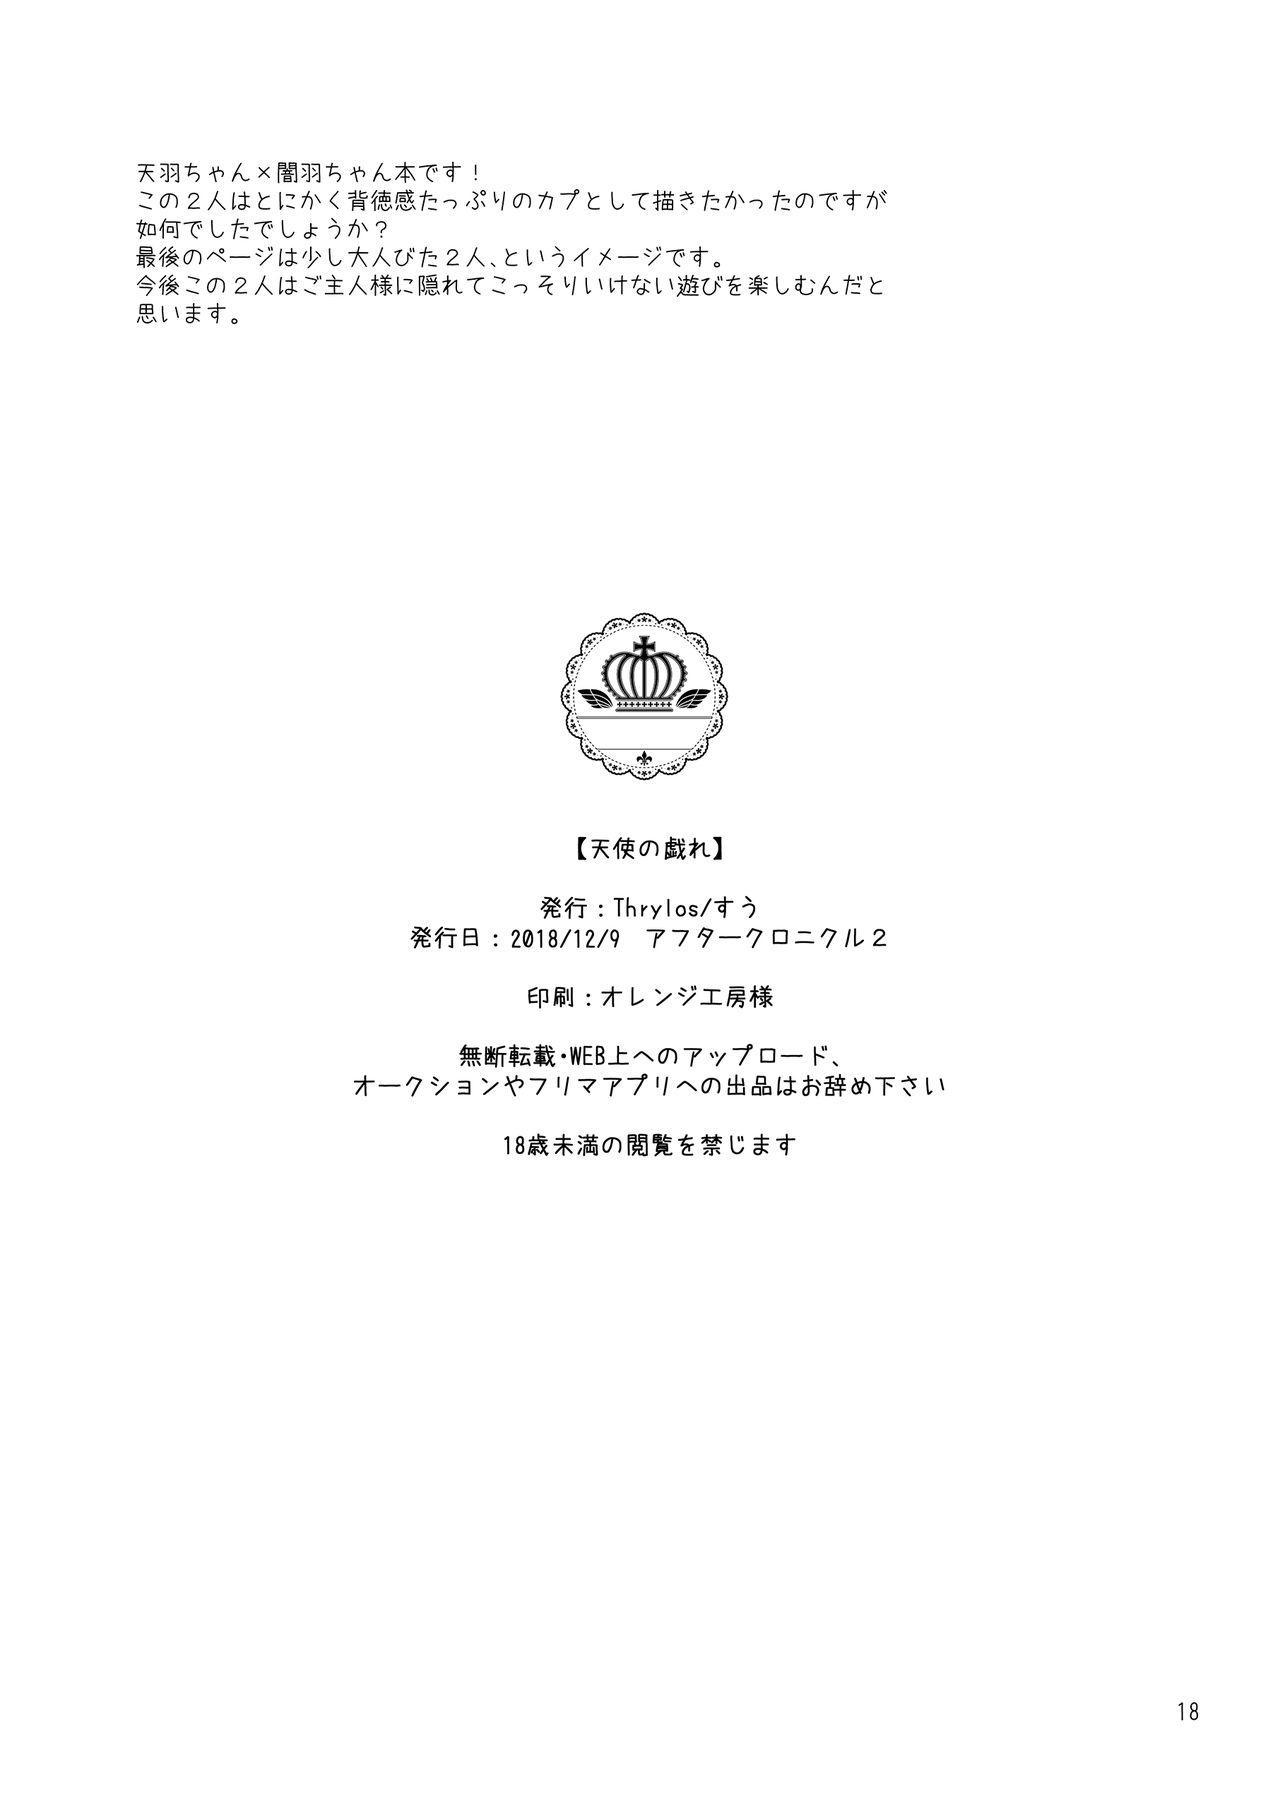 Tenshi no Tawamure 16